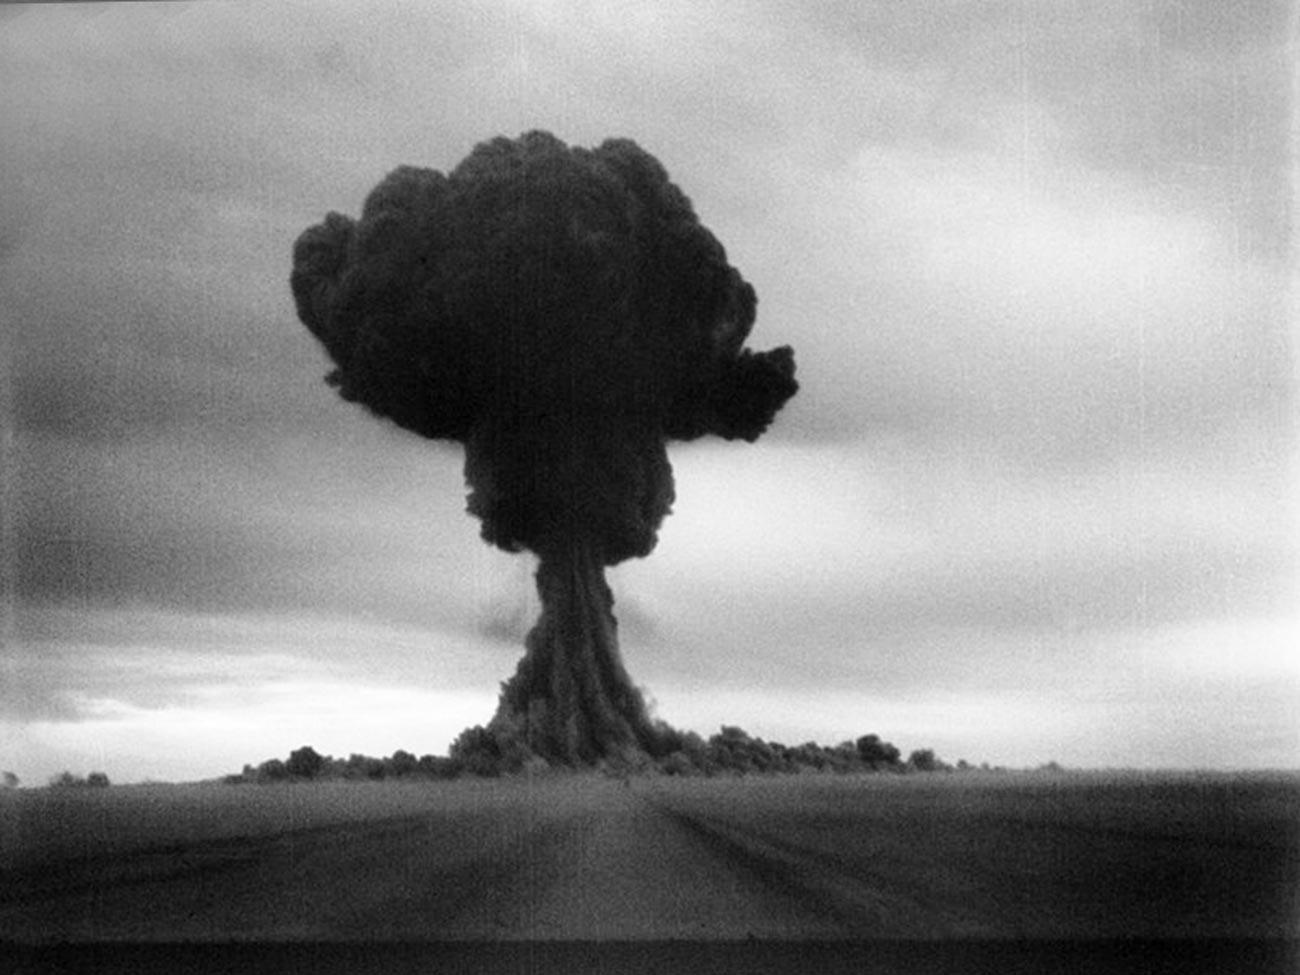 Premier essai d'une arme atomique soviétique